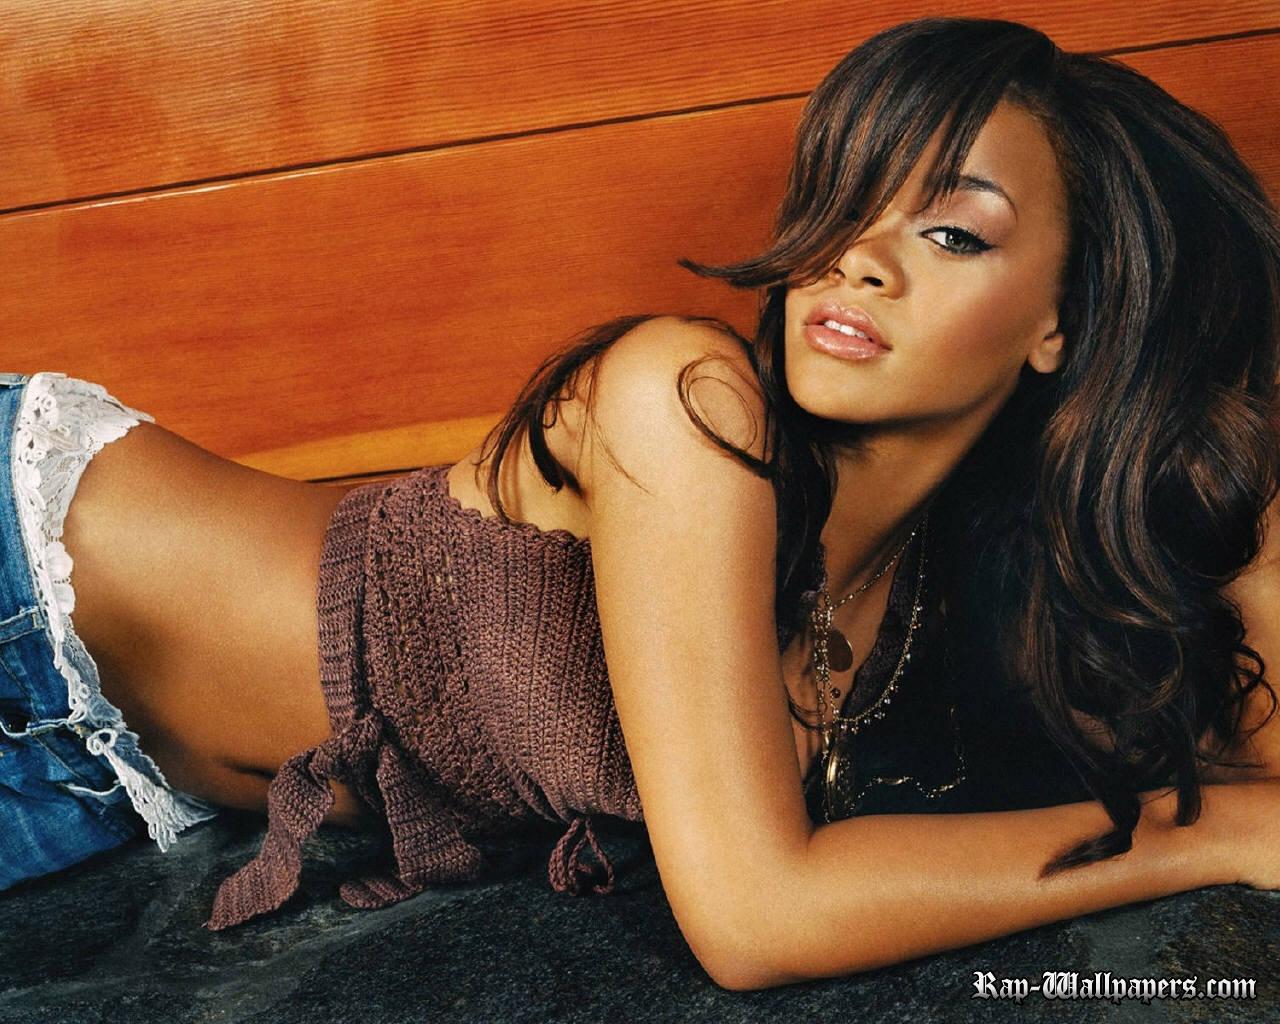 http://3.bp.blogspot.com/_8ePfdMXc9-M/TPNcvVP27xI/AAAAAAAAAB8/OMKwpL0DqOA/s1600/Rihanna+Way+Back.jpg